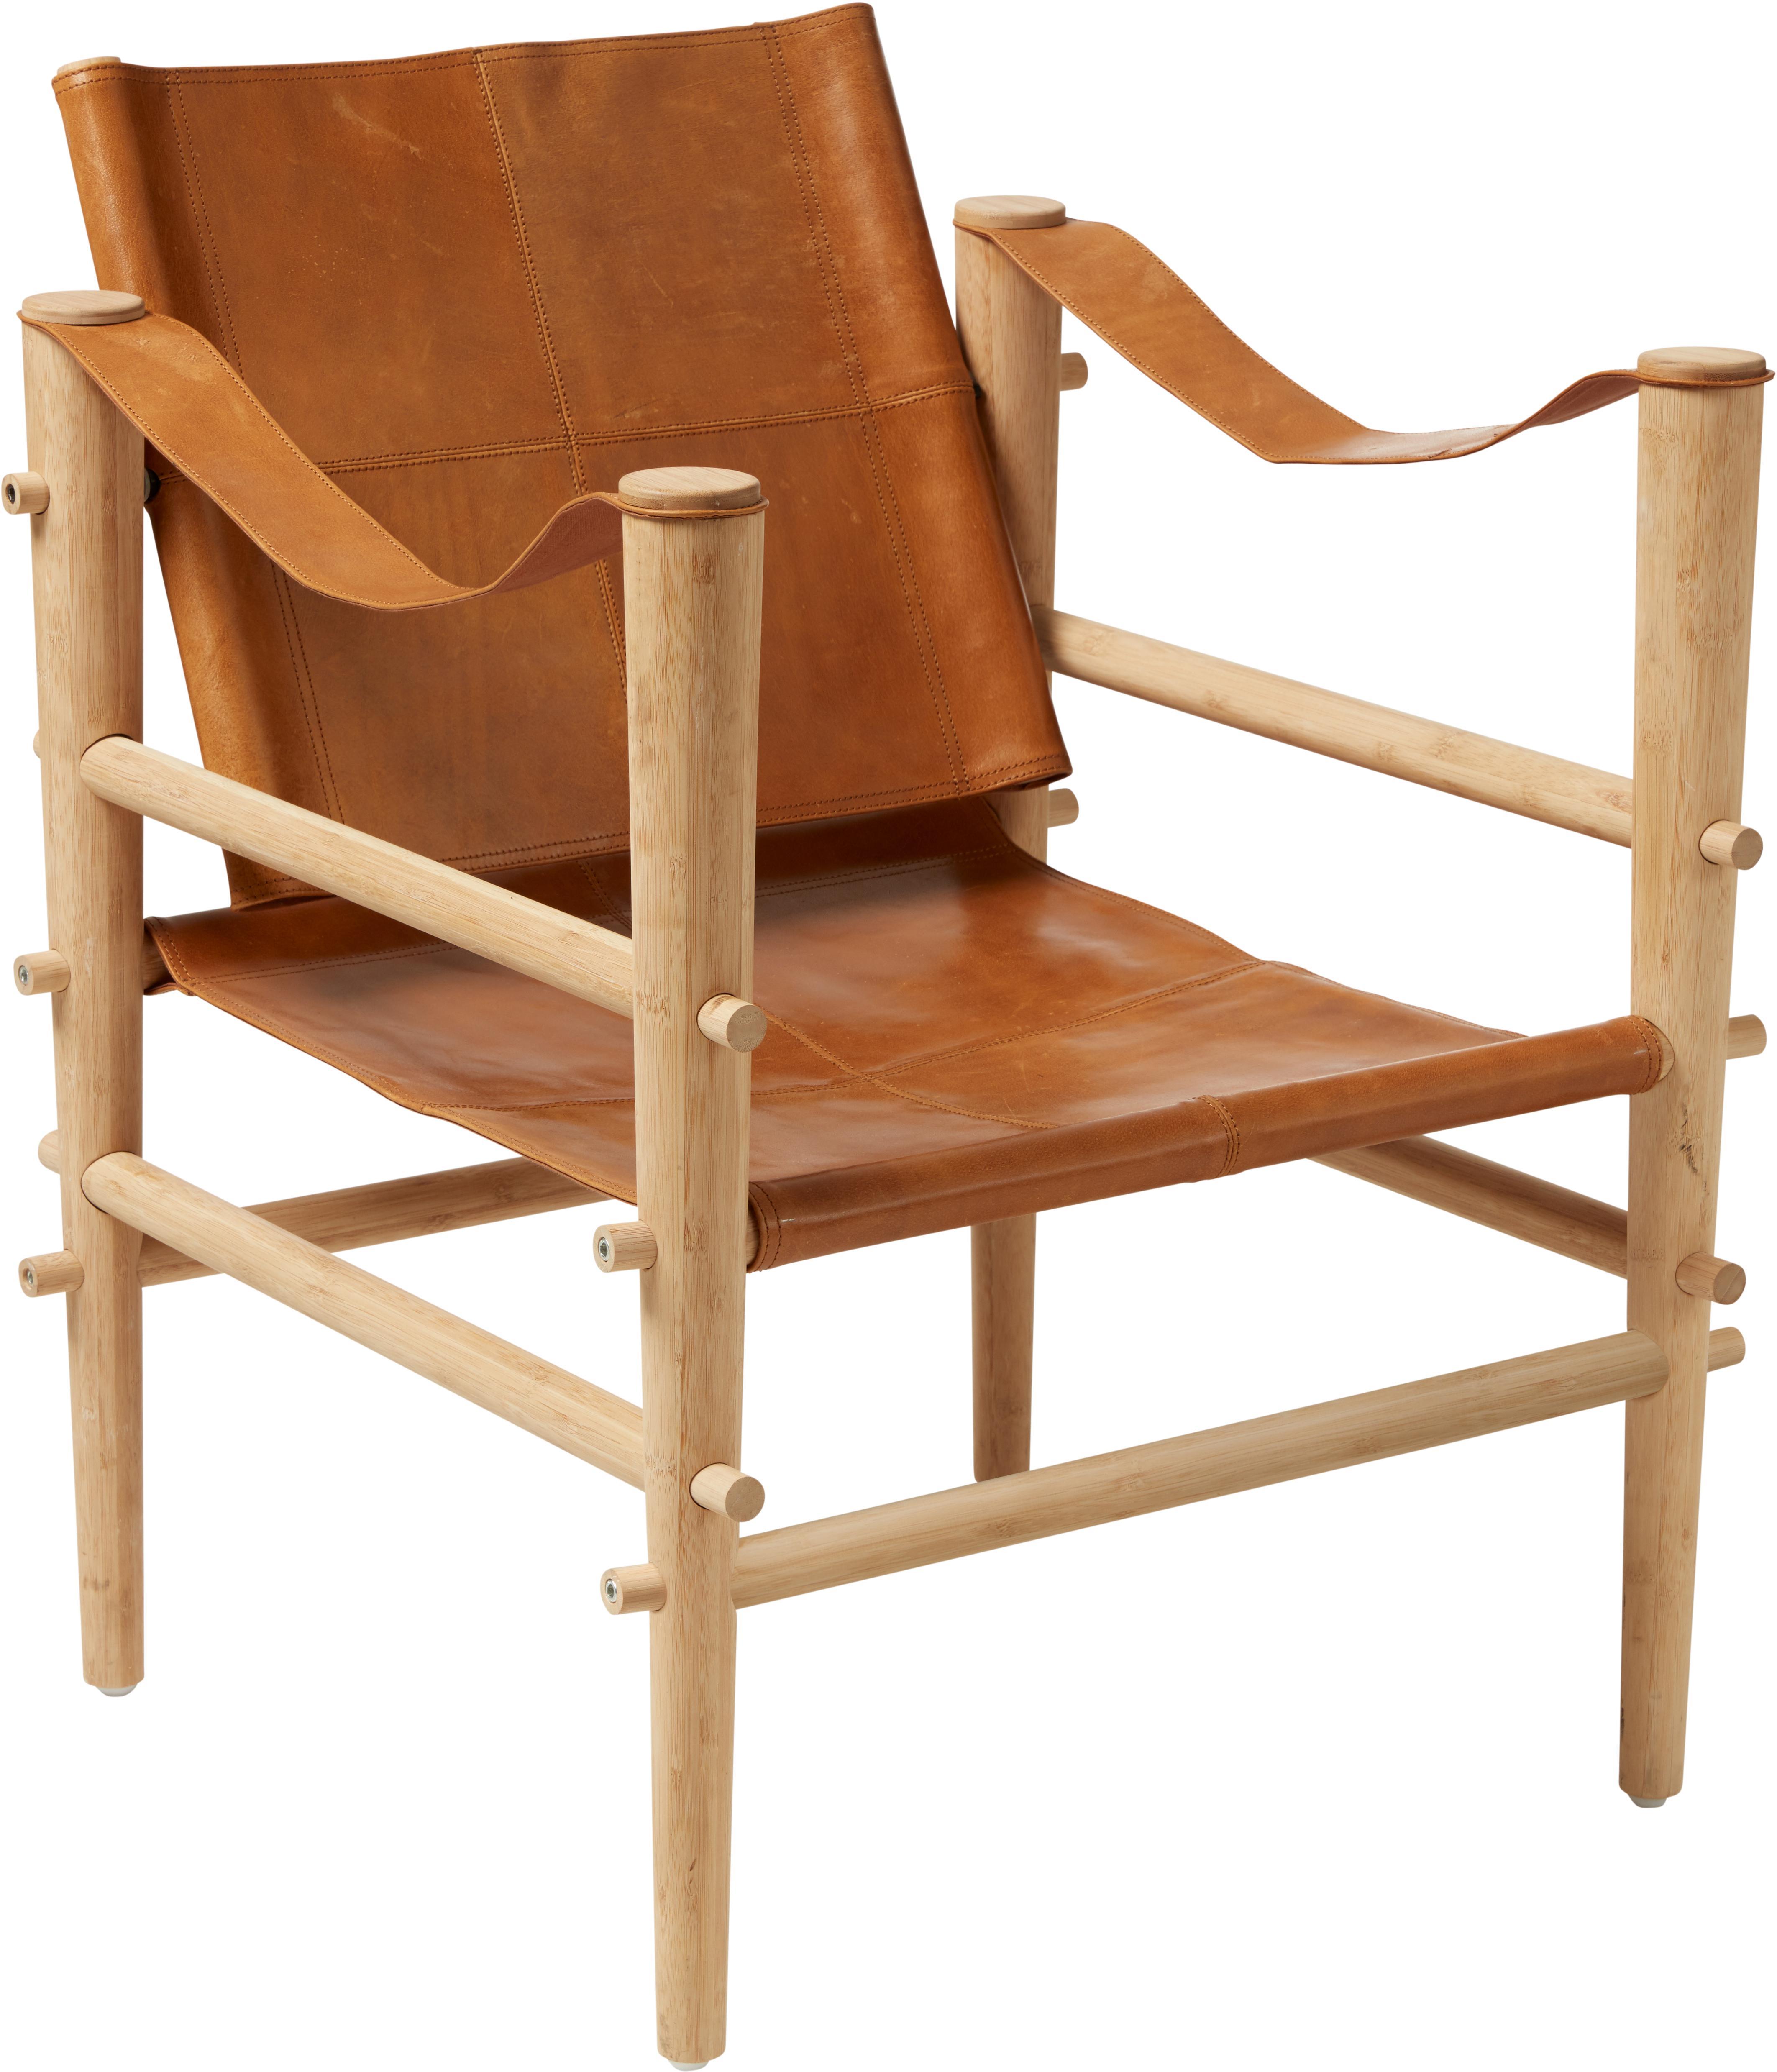 Fotel ze skóry Noble, Stelaż: drewno bambusowe poddane , Drewno bambusowe, jasny brązowy, S 61 x G 59 cm